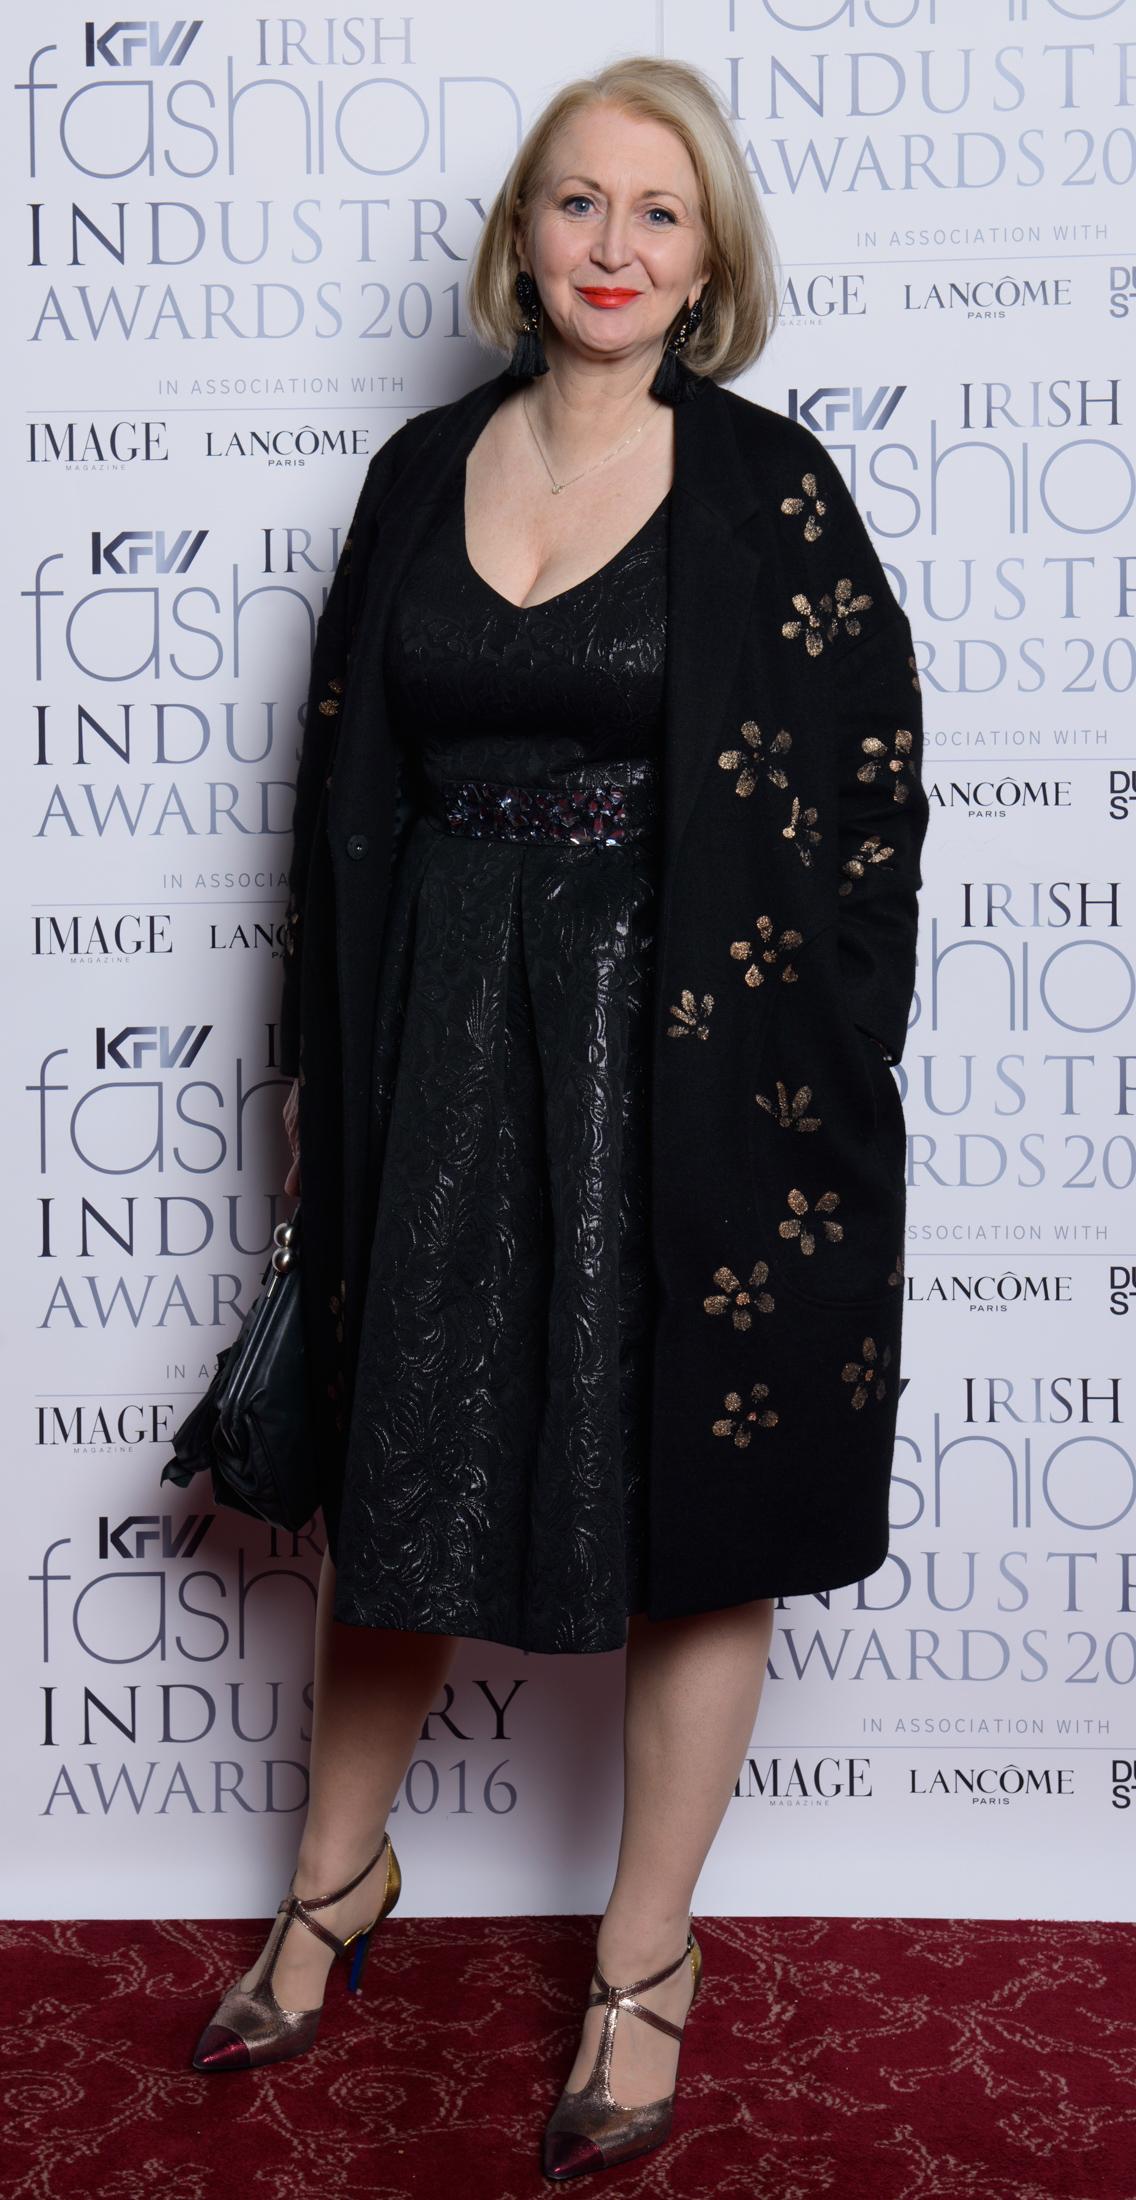 KFW16_Irish Fashion Industry Awards_10316.JPG